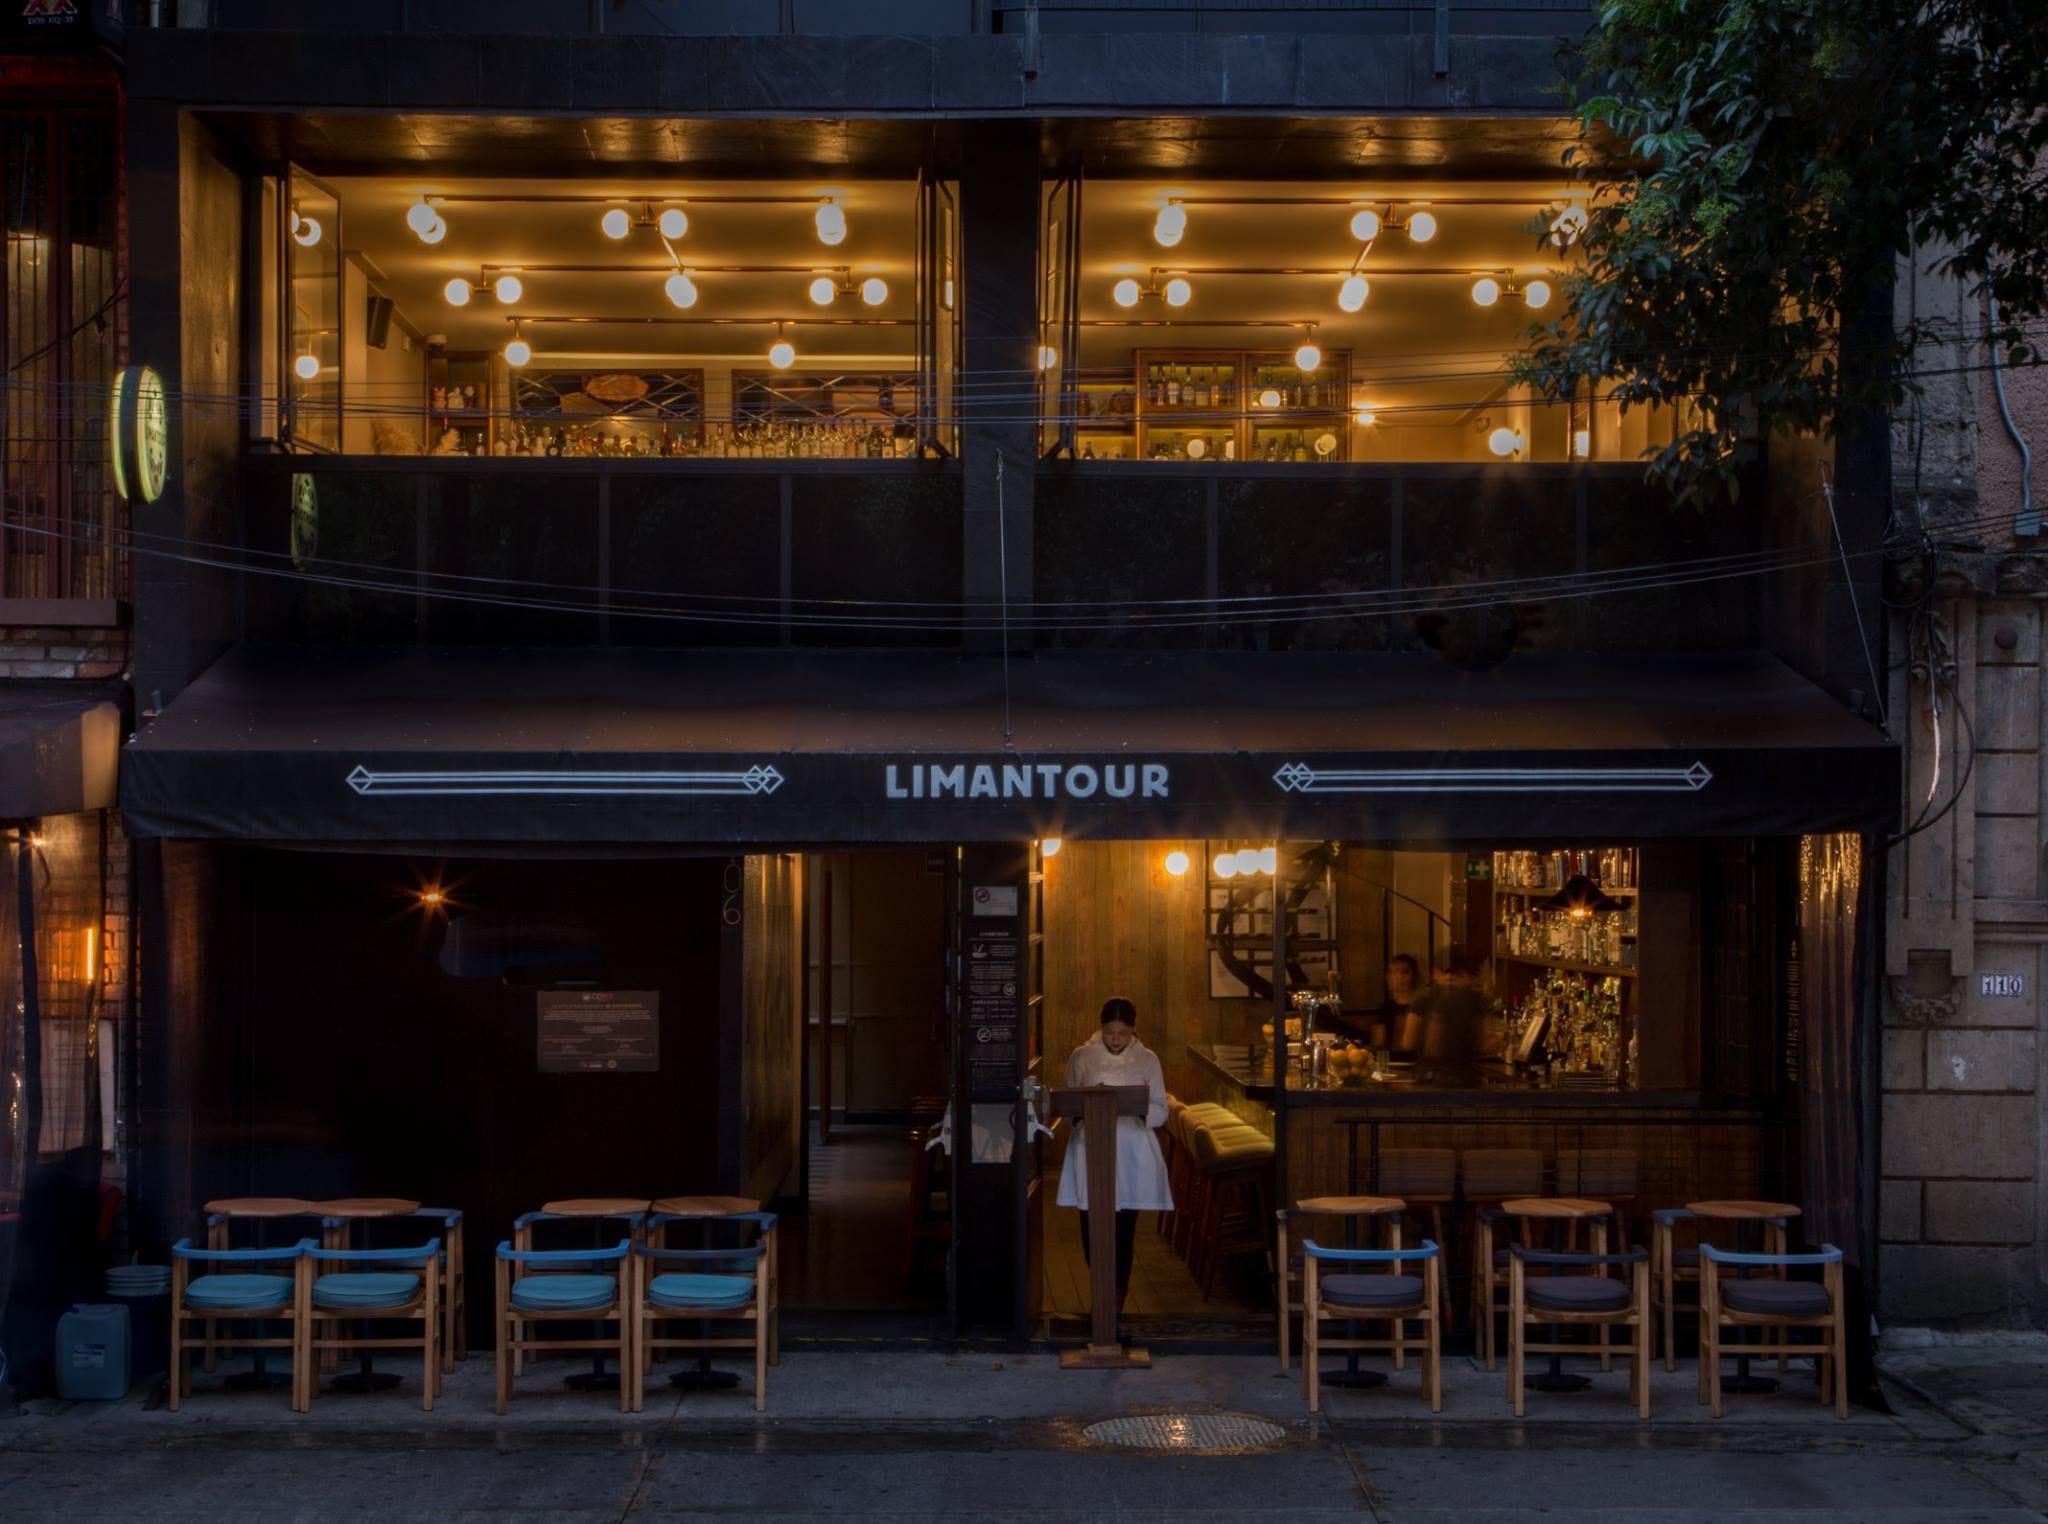 Licoreria Limantour #14 en The World's 50 Best Bars 2017 ...